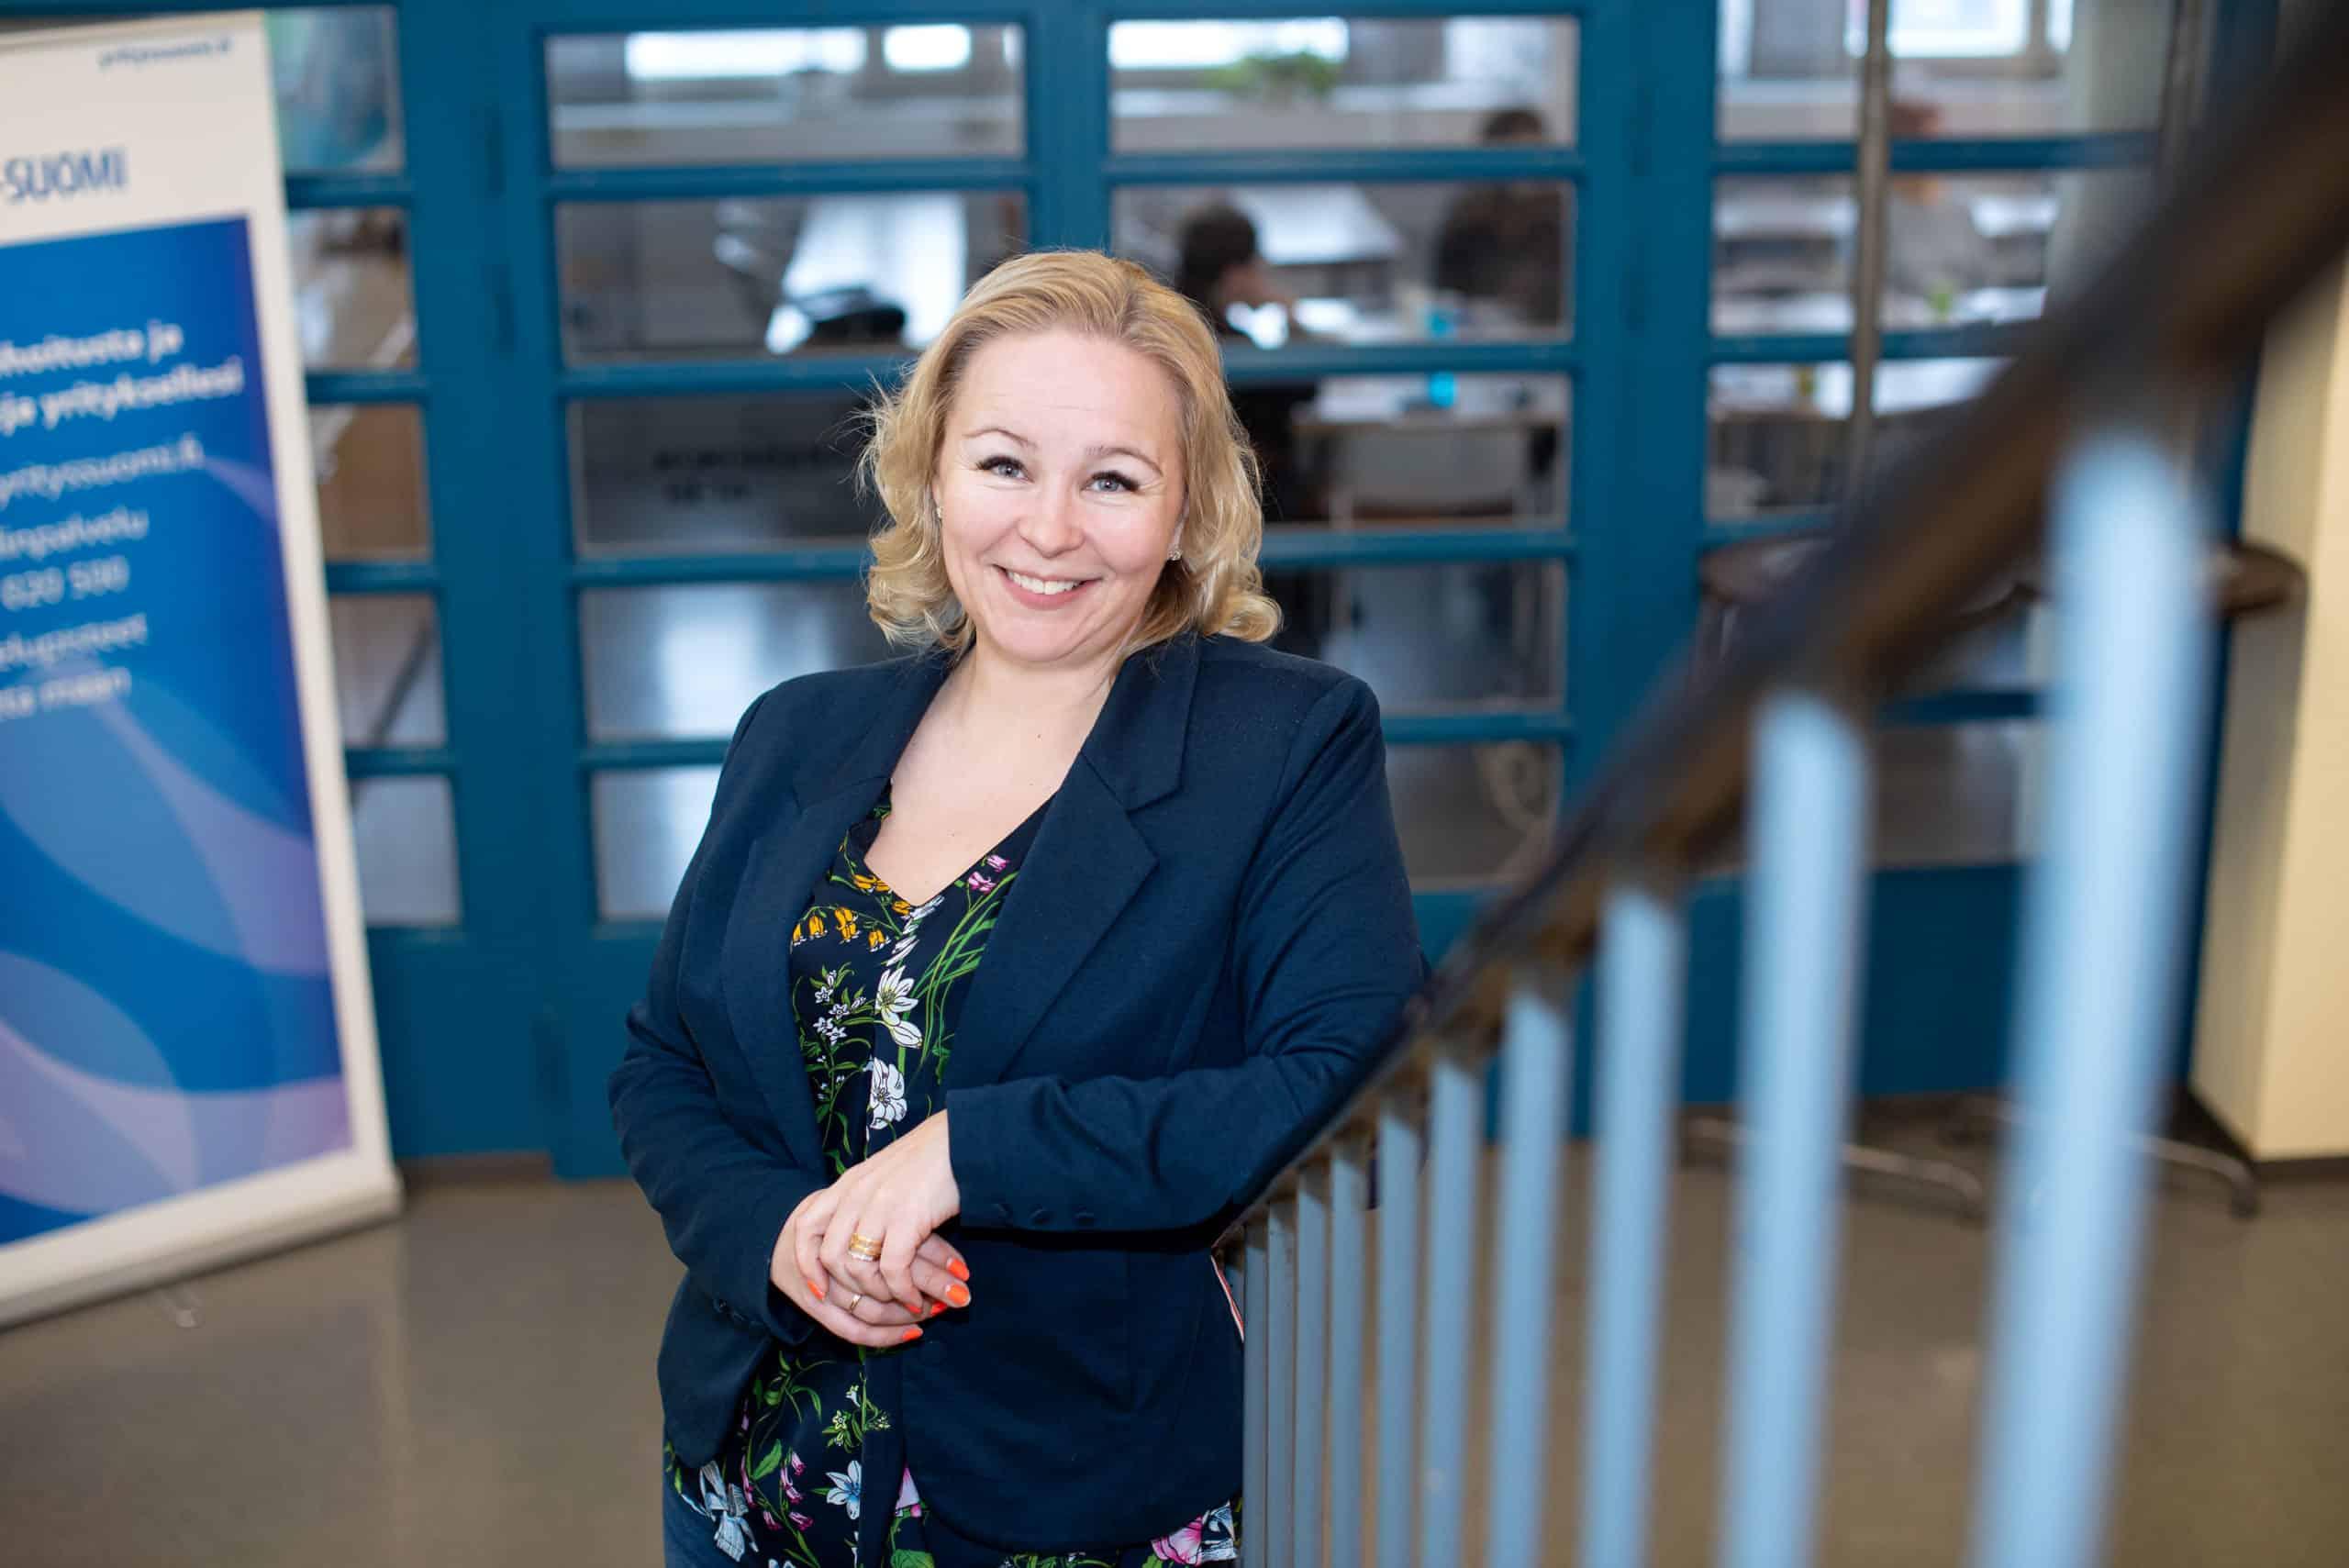 Heidi Loukiainen nojaa porraskaiteeseen toimistoympäristössä.